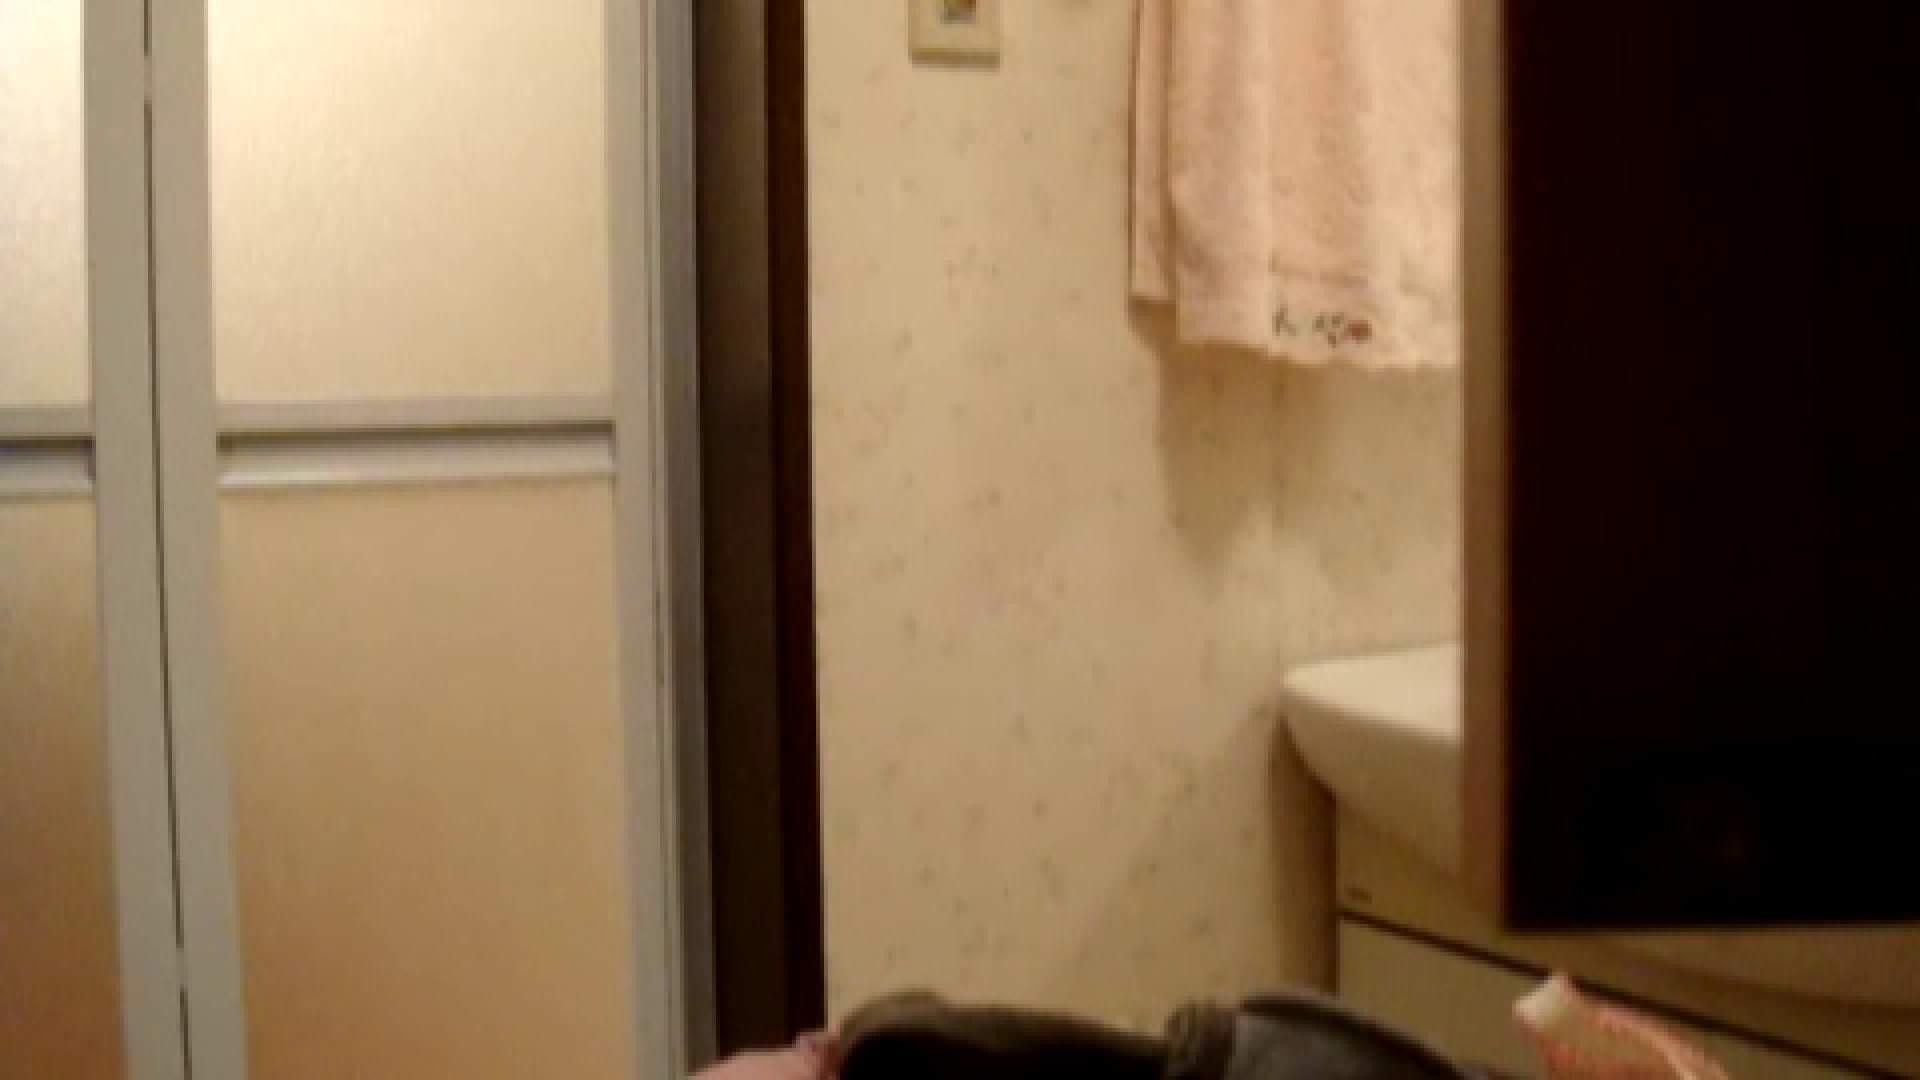 二人とも育てた甲斐がありました… vol.08 まどかの入浴中にカメラに気付いたか!? 綺麗なOLたち | 入浴  90枚 73